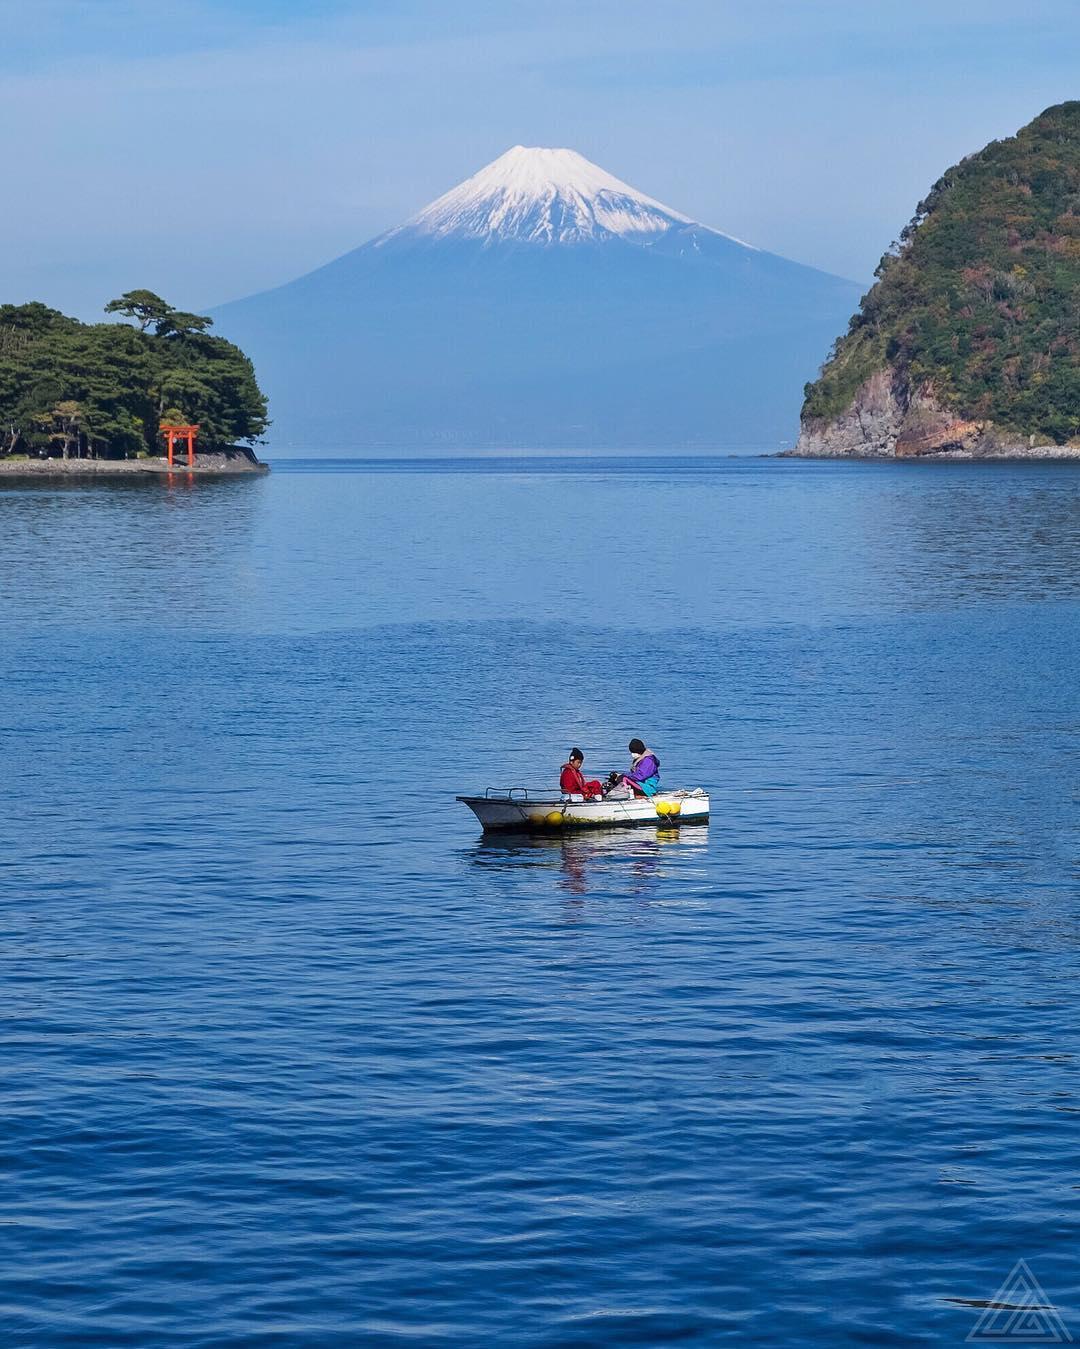 Allez une dernière pour la route, après je ne vous embête plus avec le mont Fuji :)